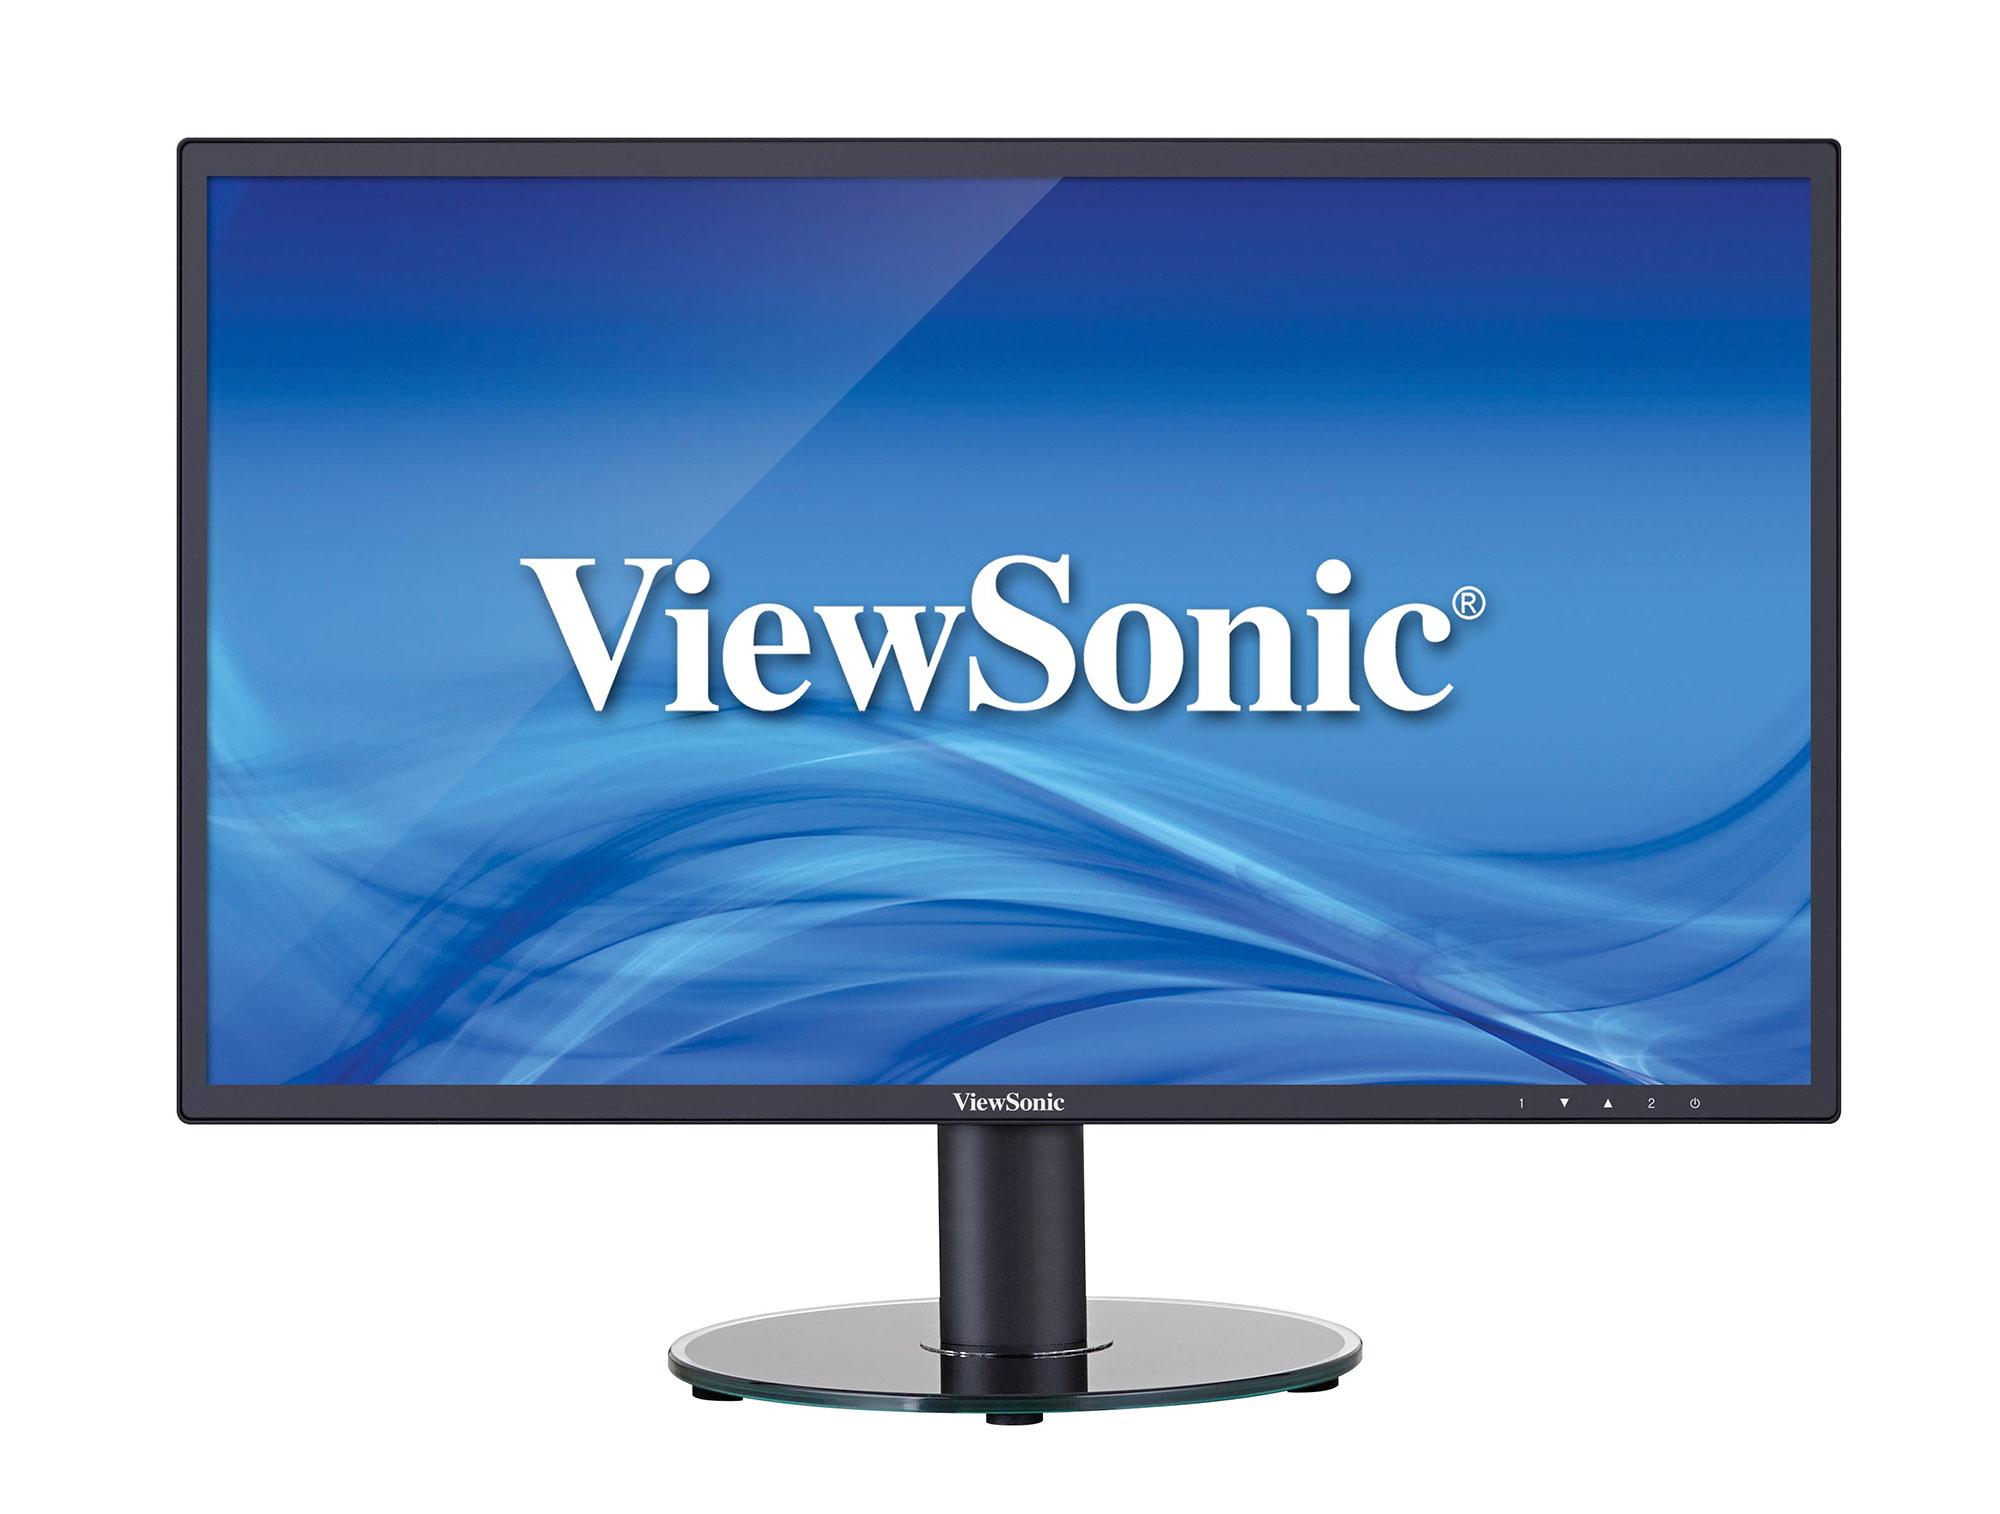 Viewsonic Va Full Hd Ips Widescreen Monitor